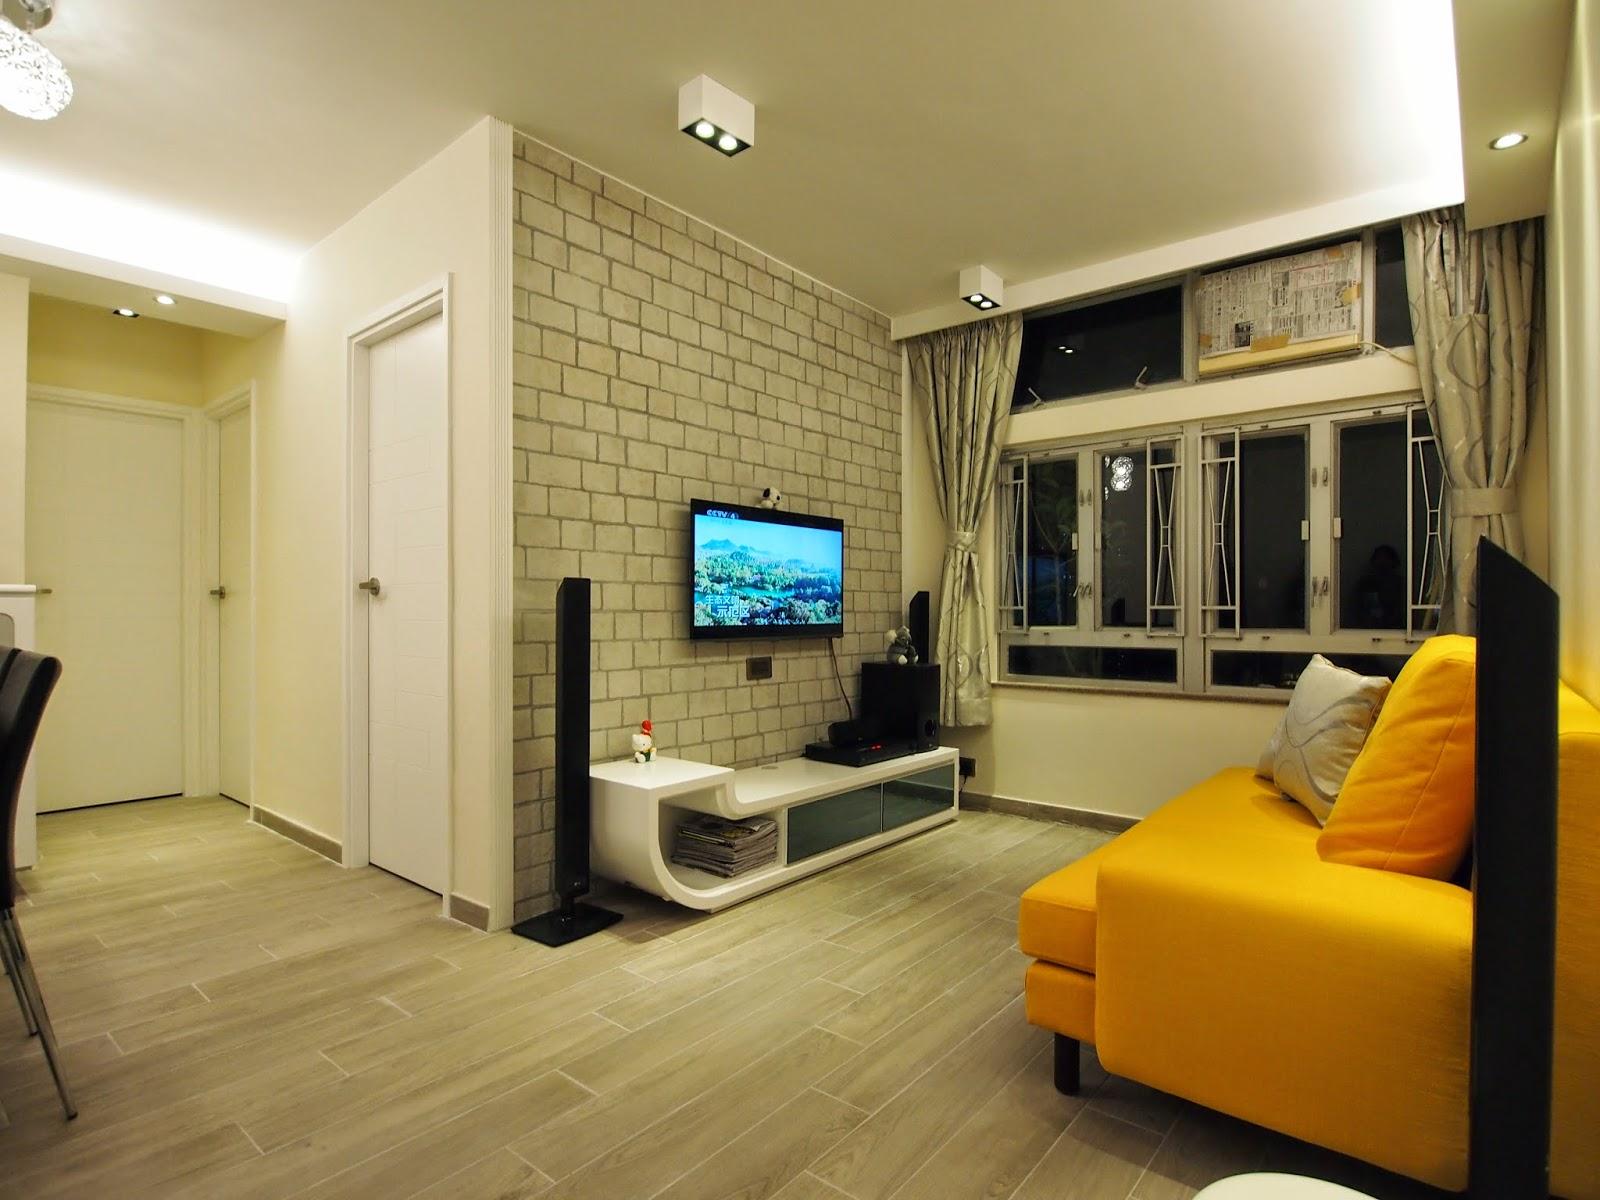 裝修/廚櫃/傢俬/卓形設計Smart Home Design: 特惠裝修套餐 2015 NEW